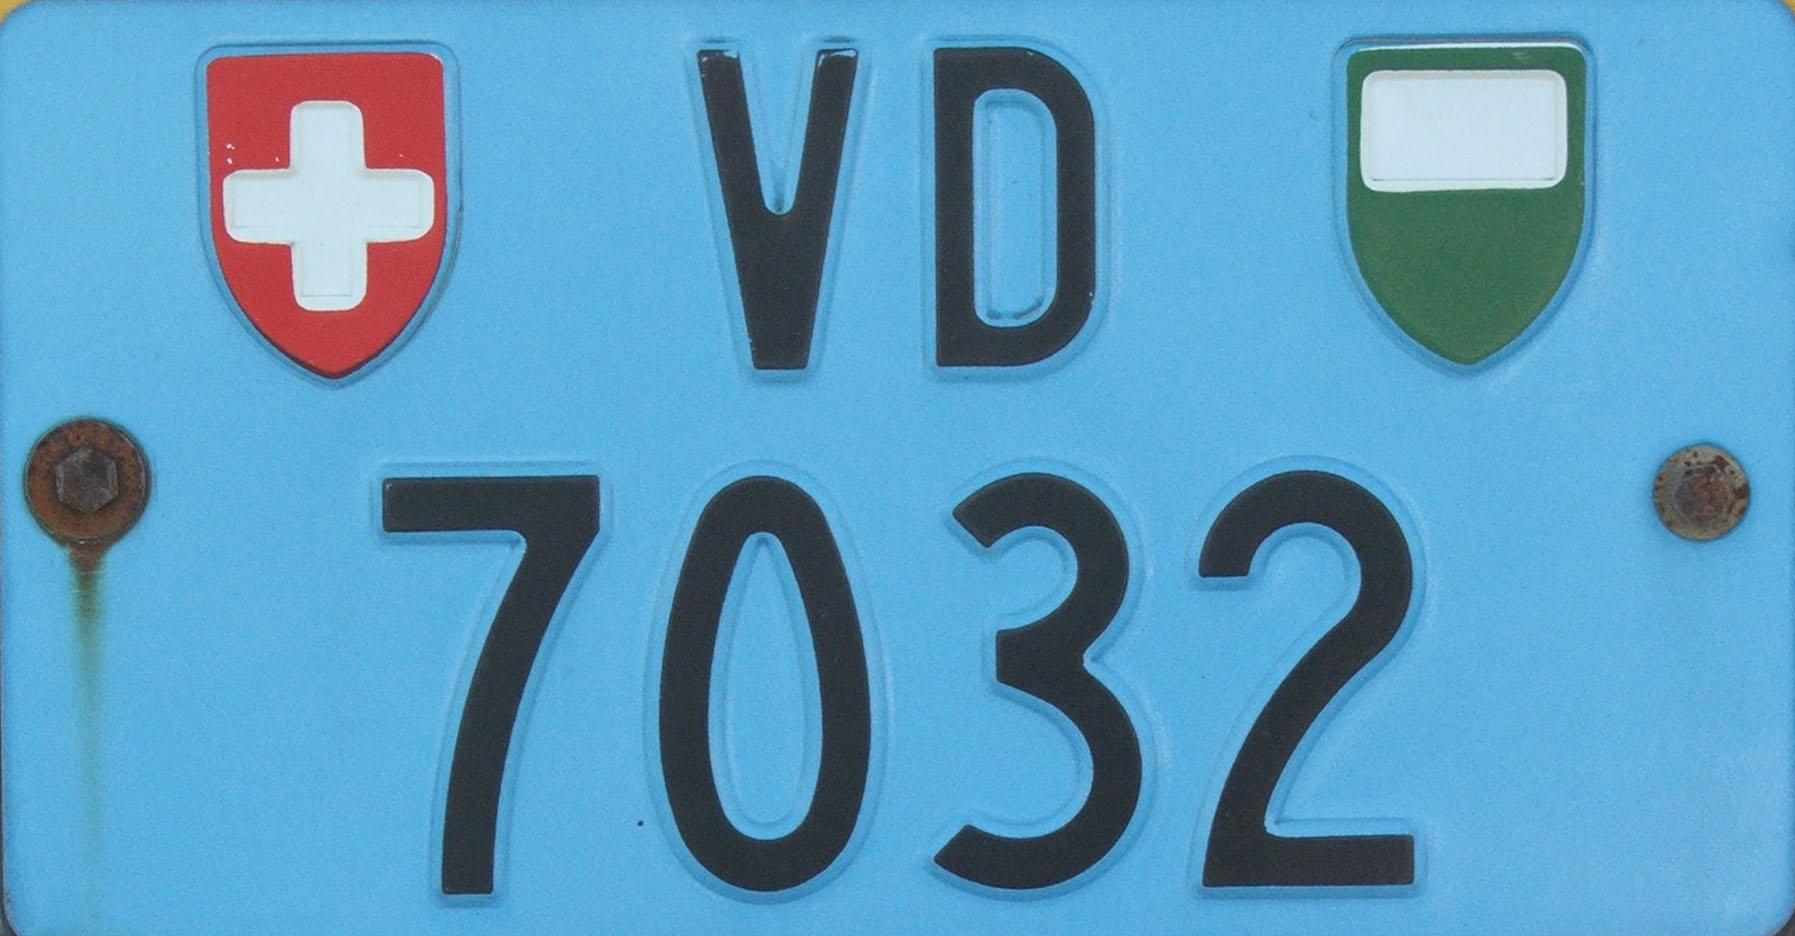 ramka tablicy rejestracyjnej motocykla